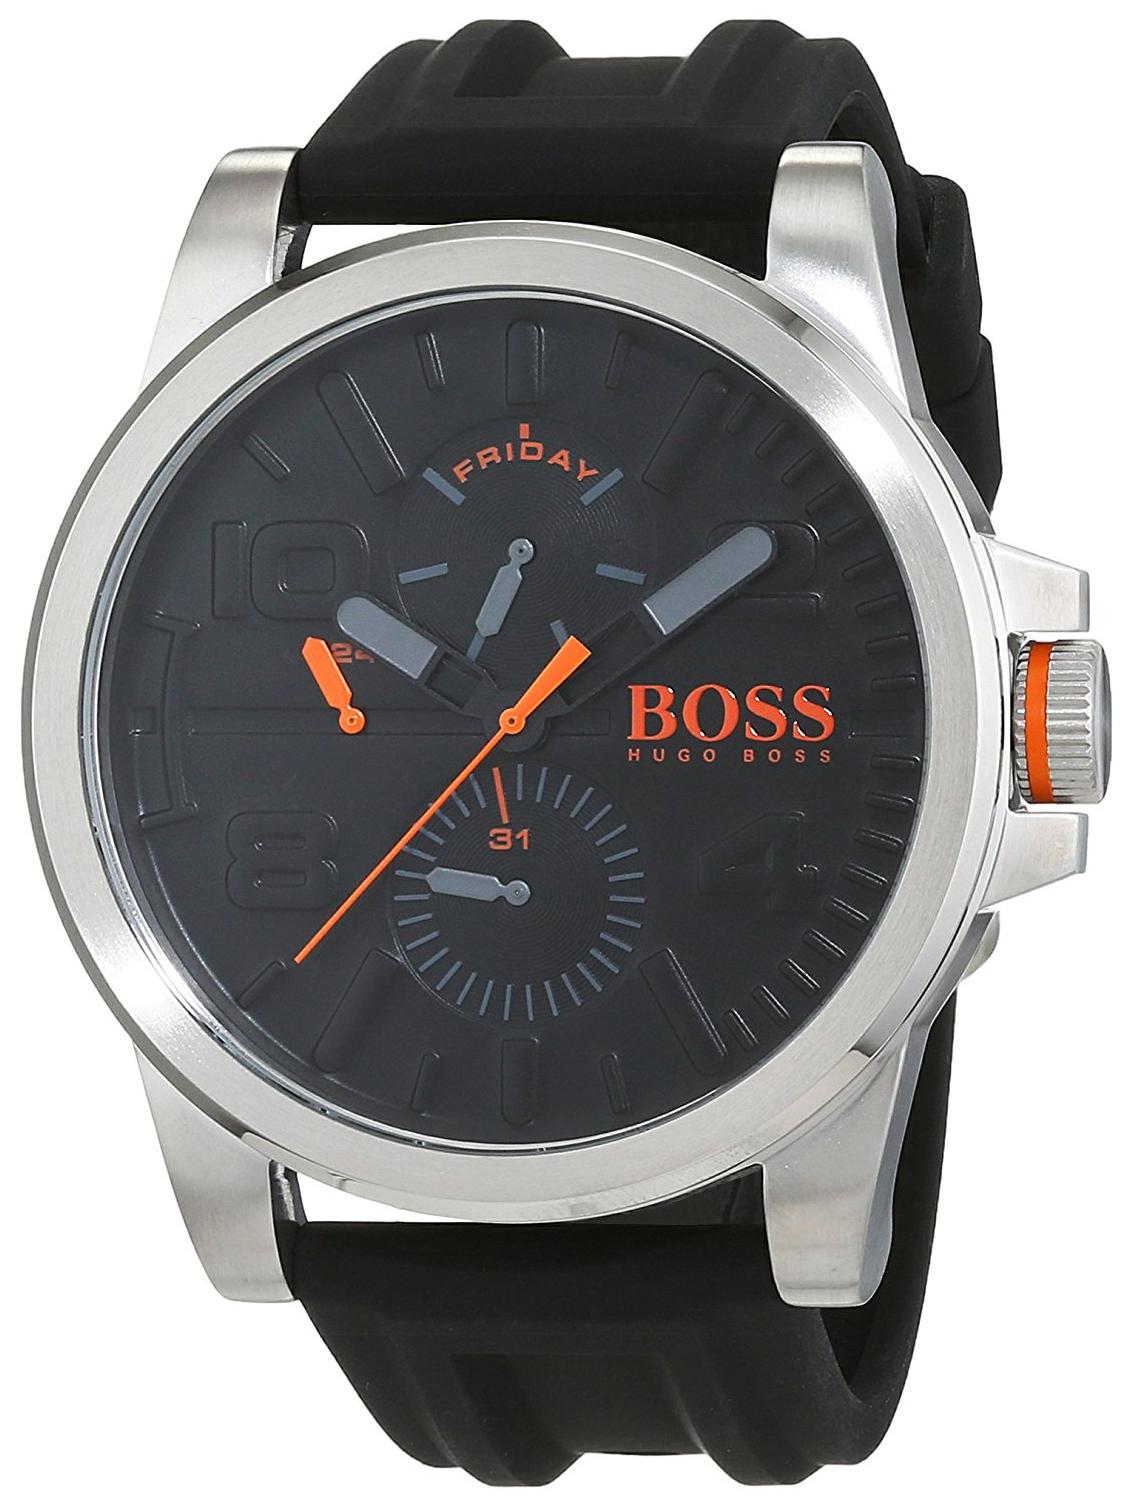 Hugo Boss 99999 Herreklokke 1550006 Sort/Gummi Ø48 mm - Hugo Boss